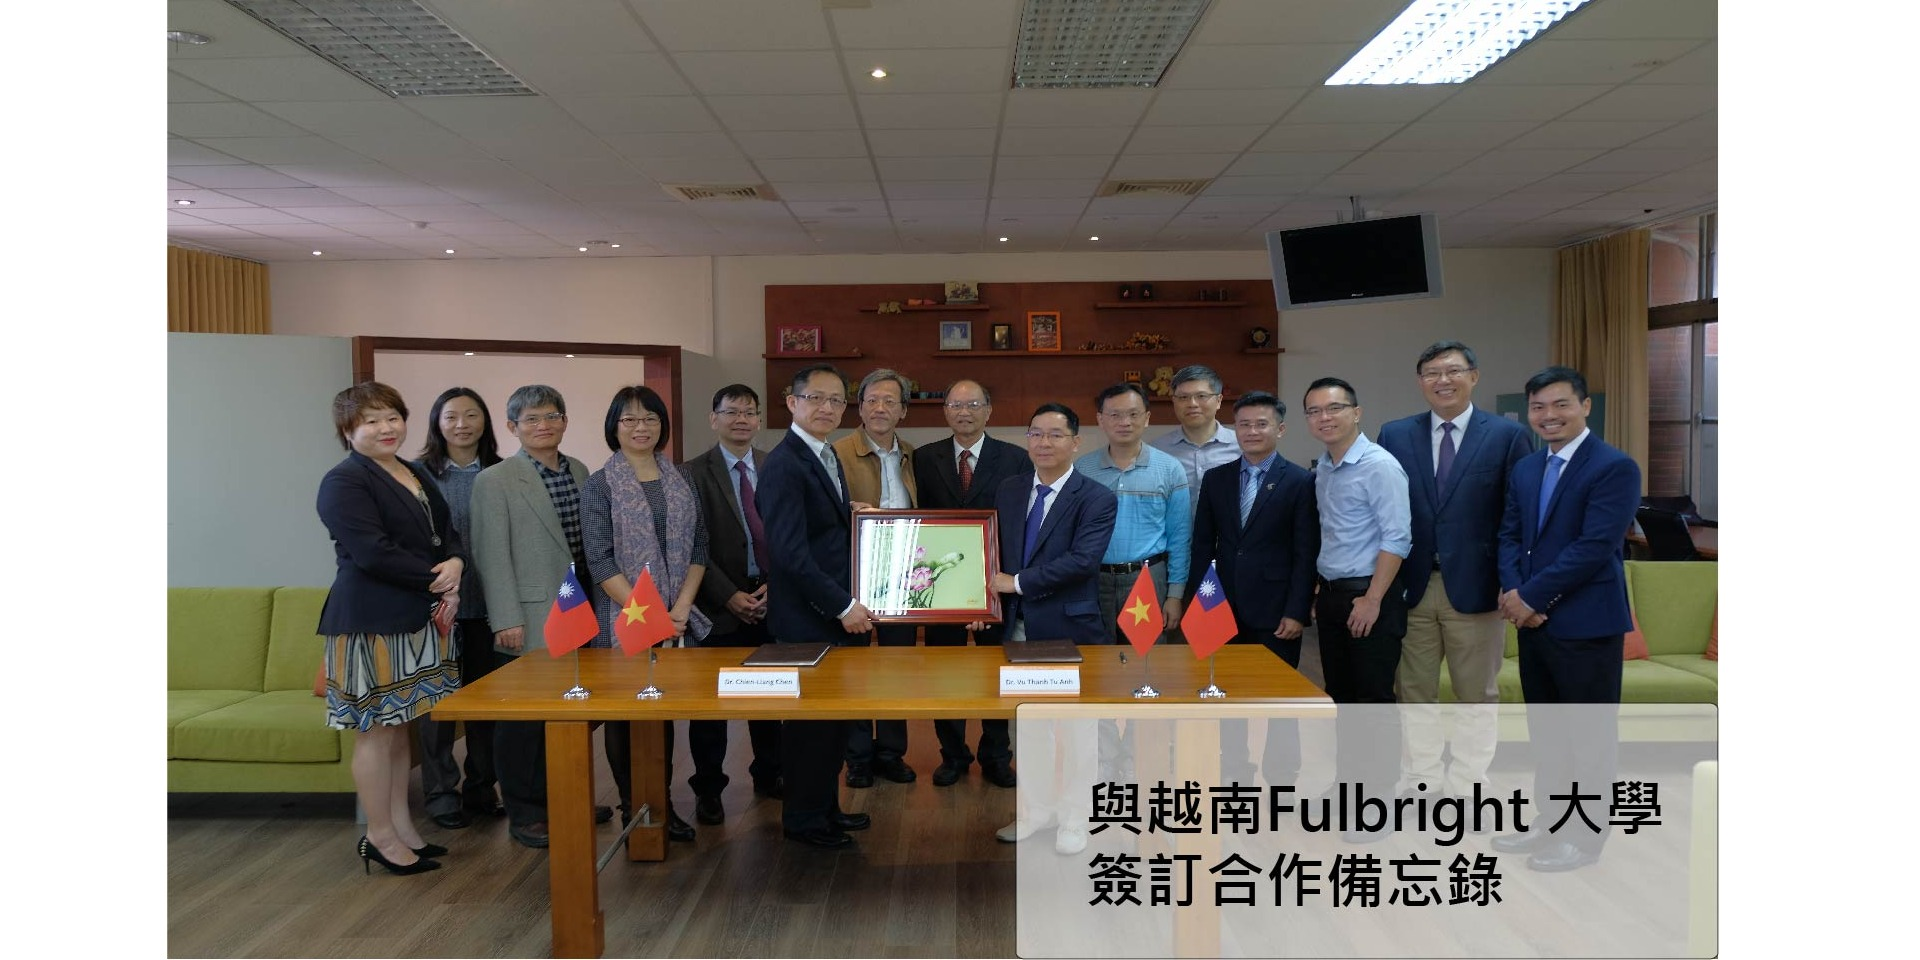 與越南Fulbright 大學簽訂合作備忘錄